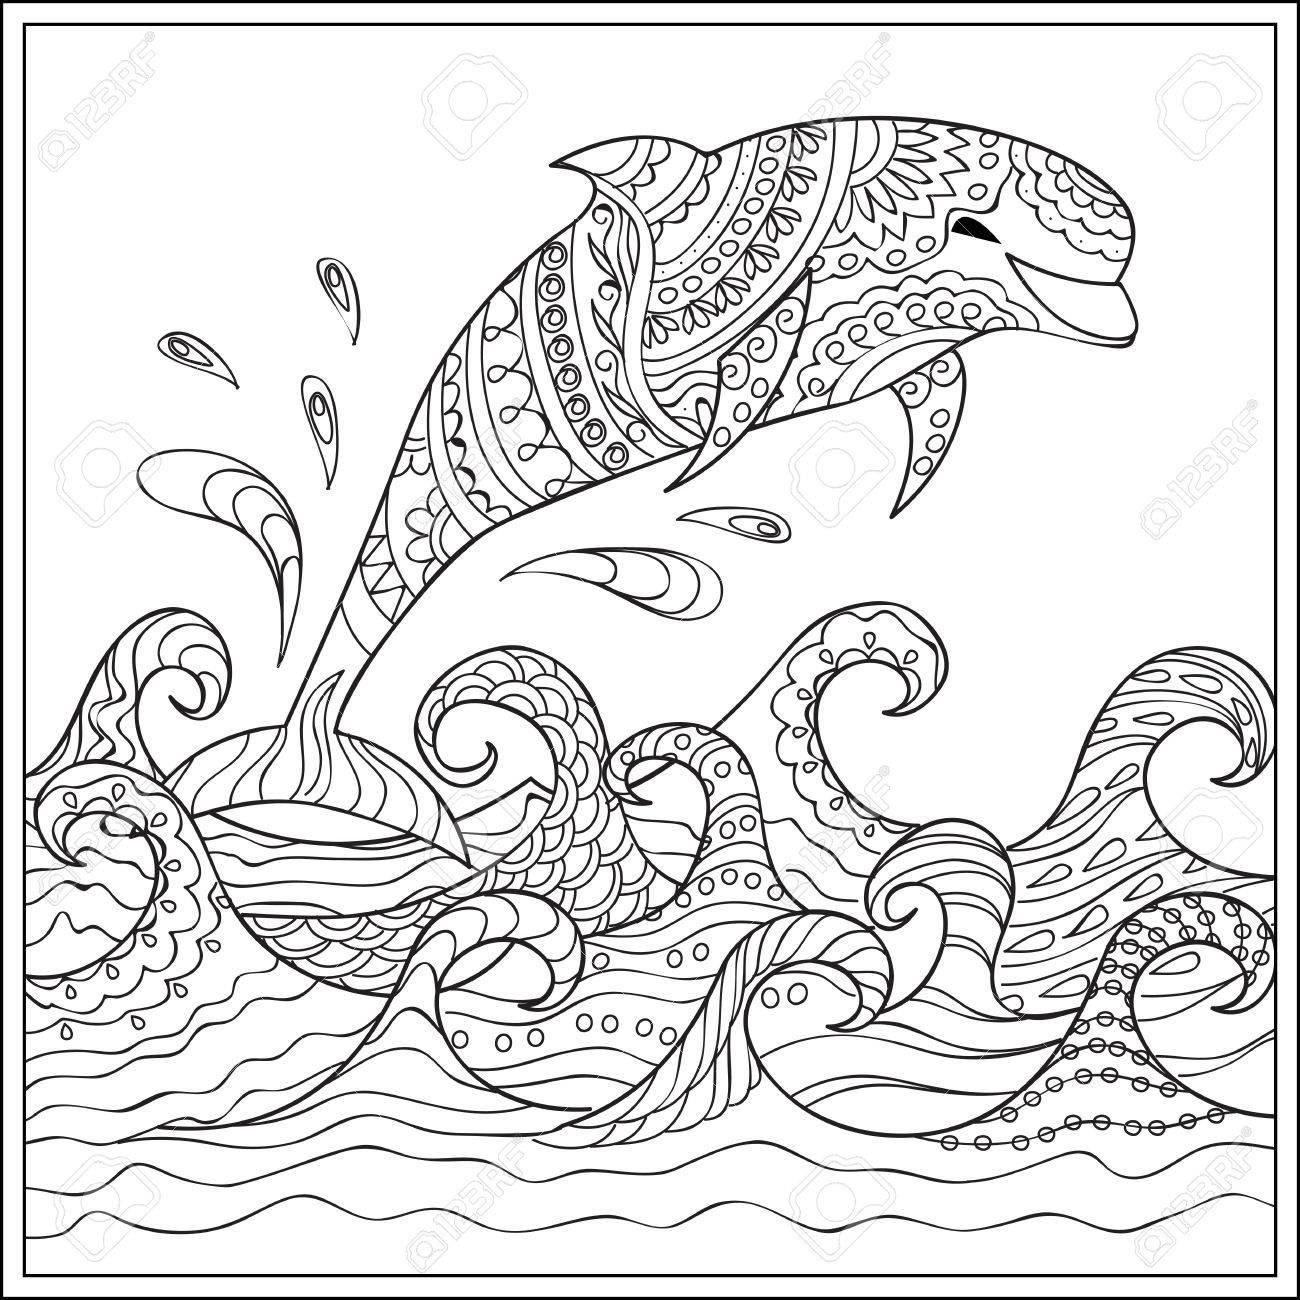 Dibujado A Mano Decorada Con Delfines En El Océano Con Olas. Imagen ...